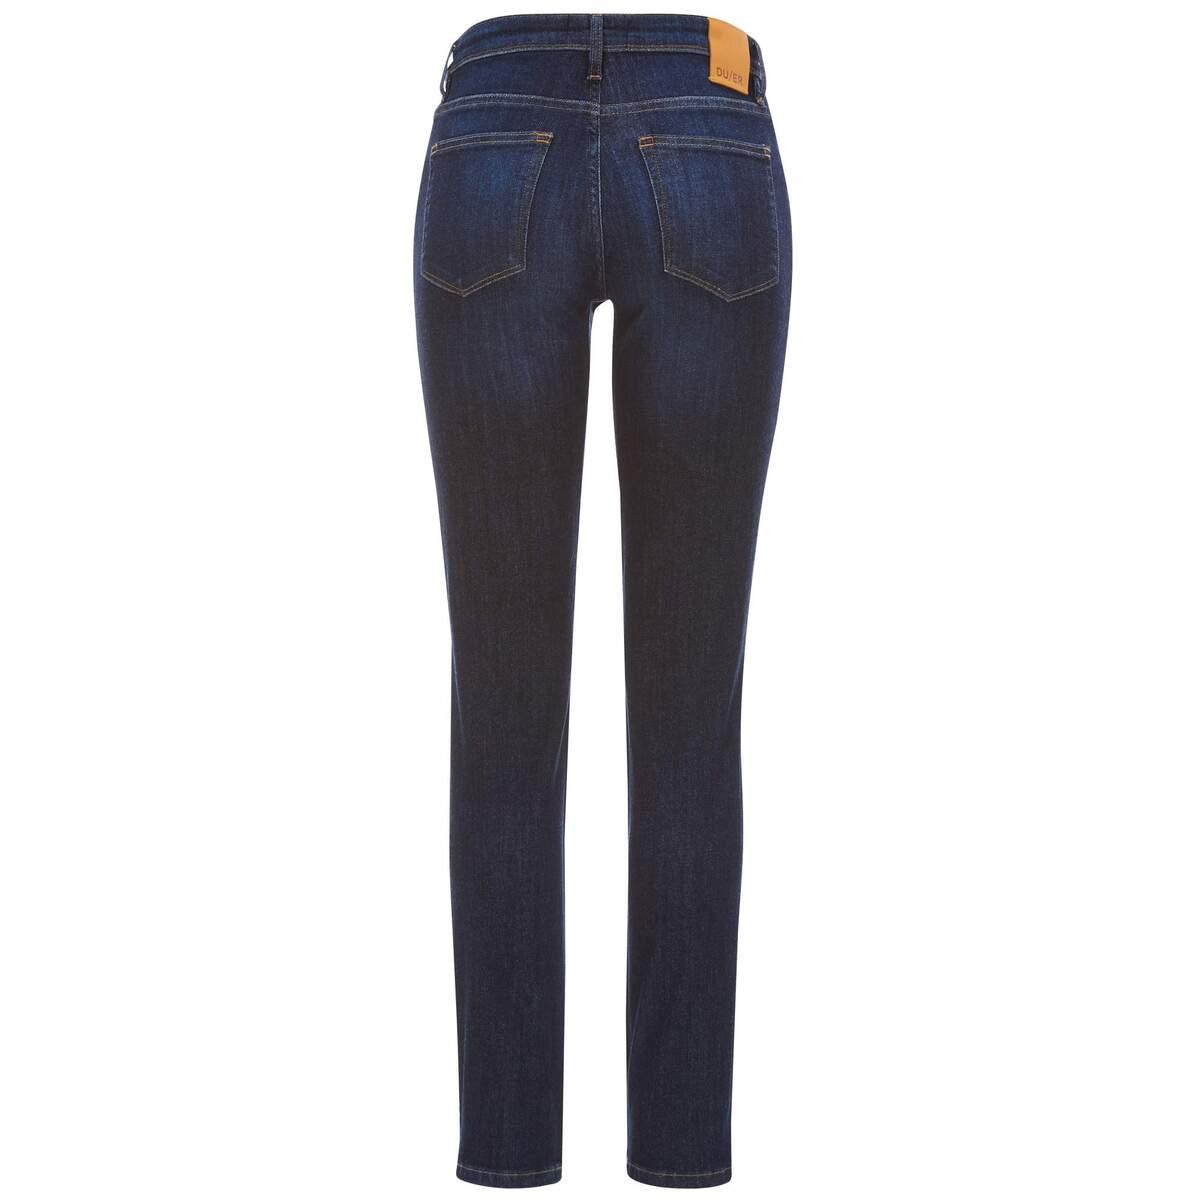 Bild 3 von DU/ER PERFORMANCE DENIM SLIM STRAIGHT Frauen - Jeans